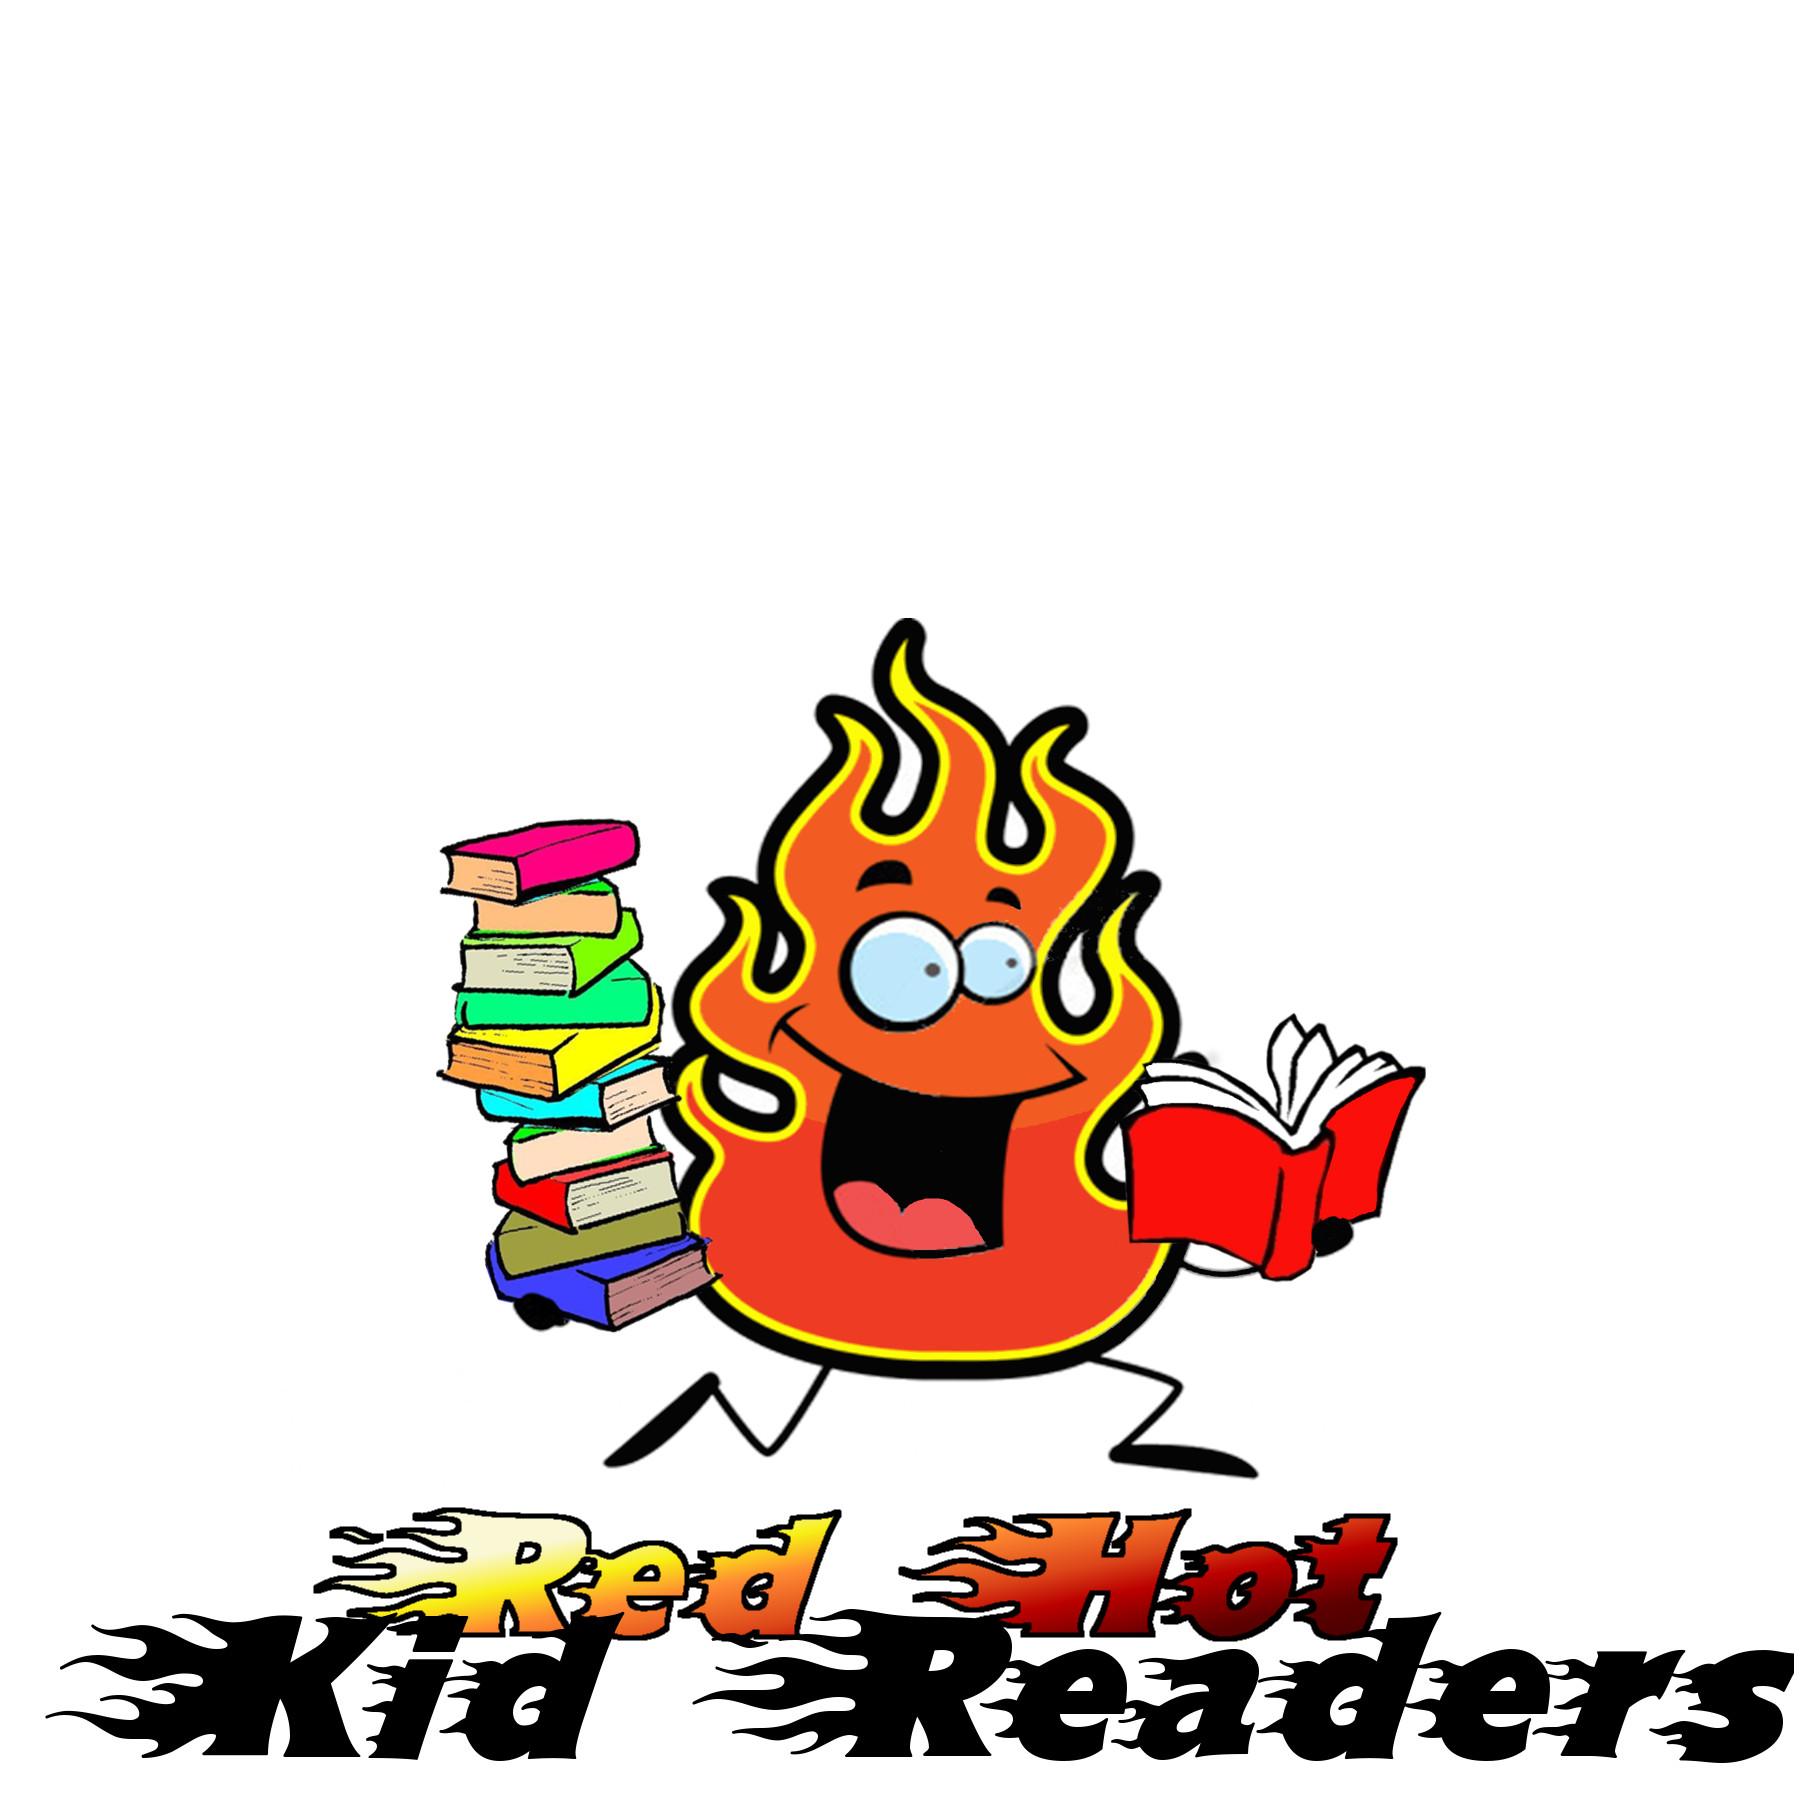 Ladies and gentlemen start your engines clipart graphic library download Ladies and Gentlemen, Start Your Engines! – Pawling Library graphic library download